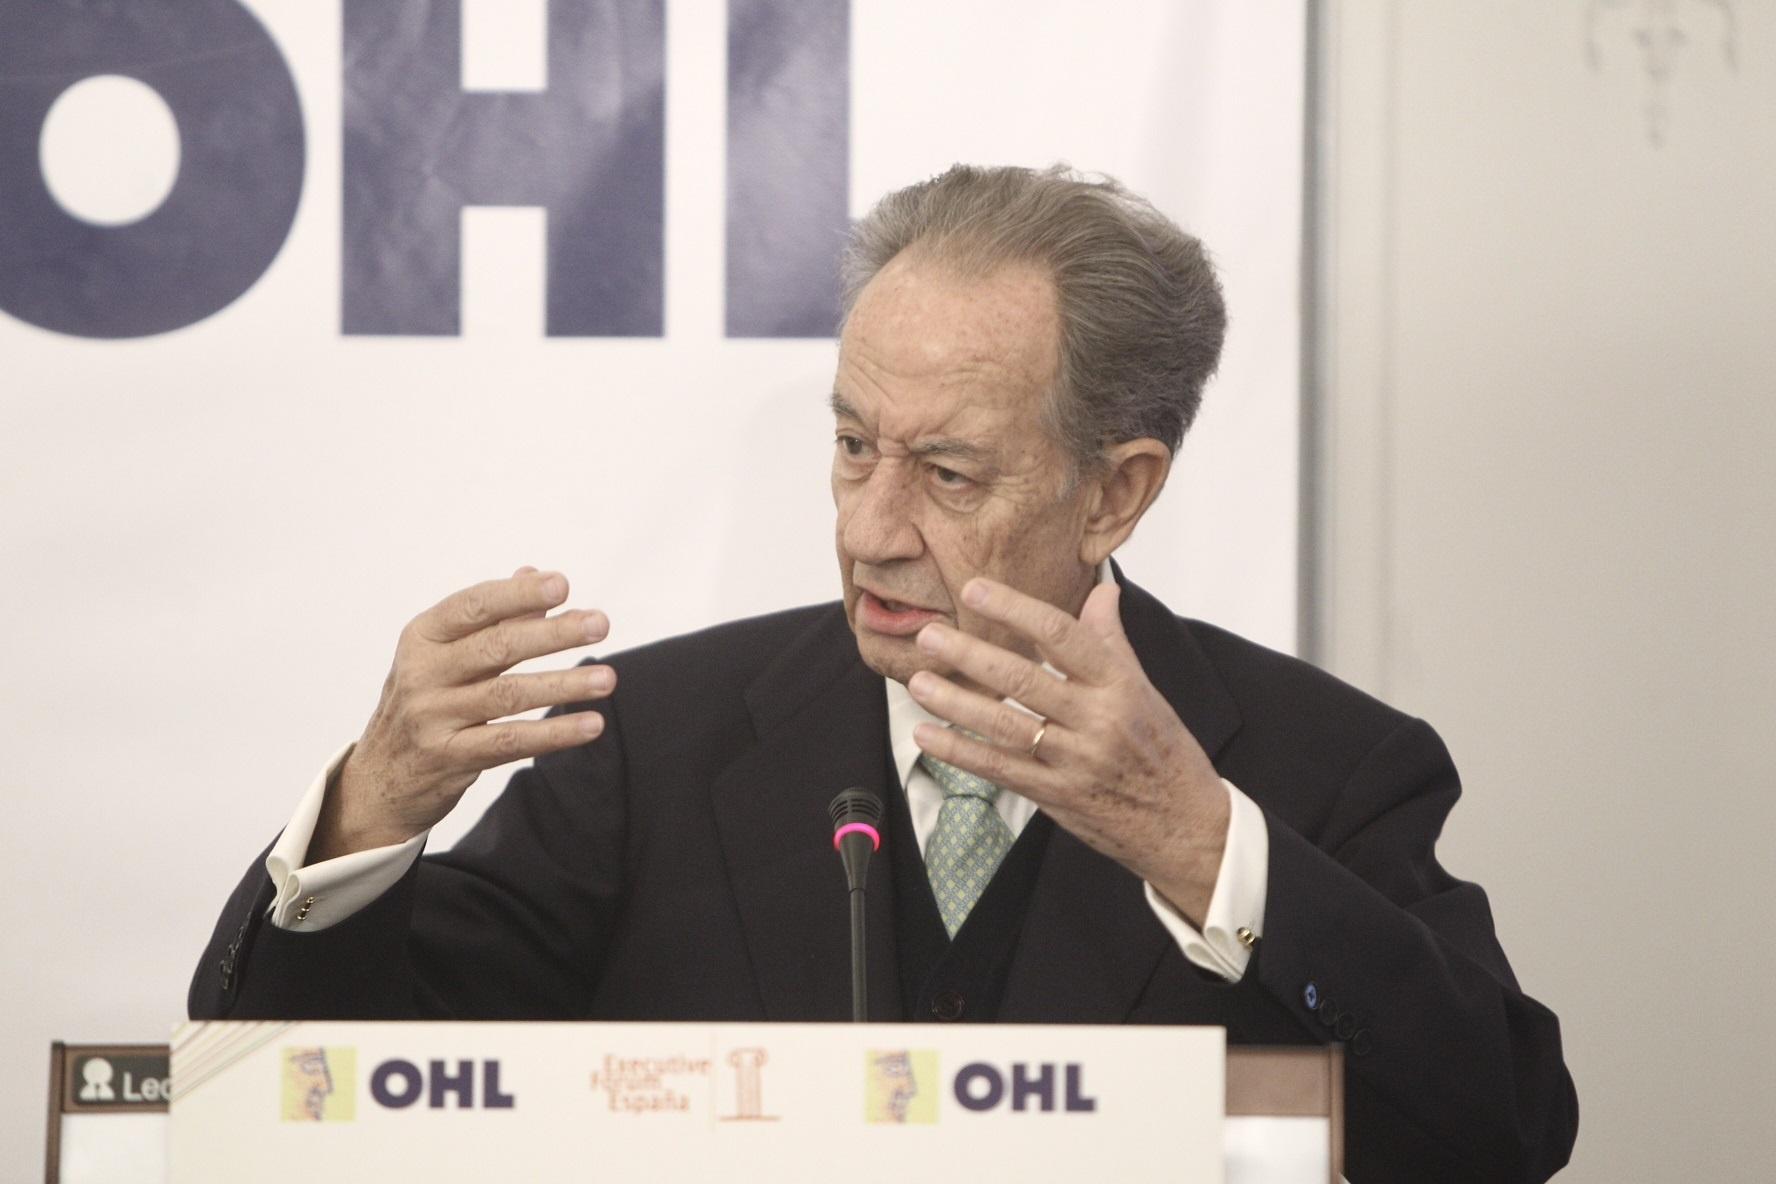 OHL logra una de las mayores obras sanitarias de Chile, el hospital Gustavo Fricke, por 117 millones